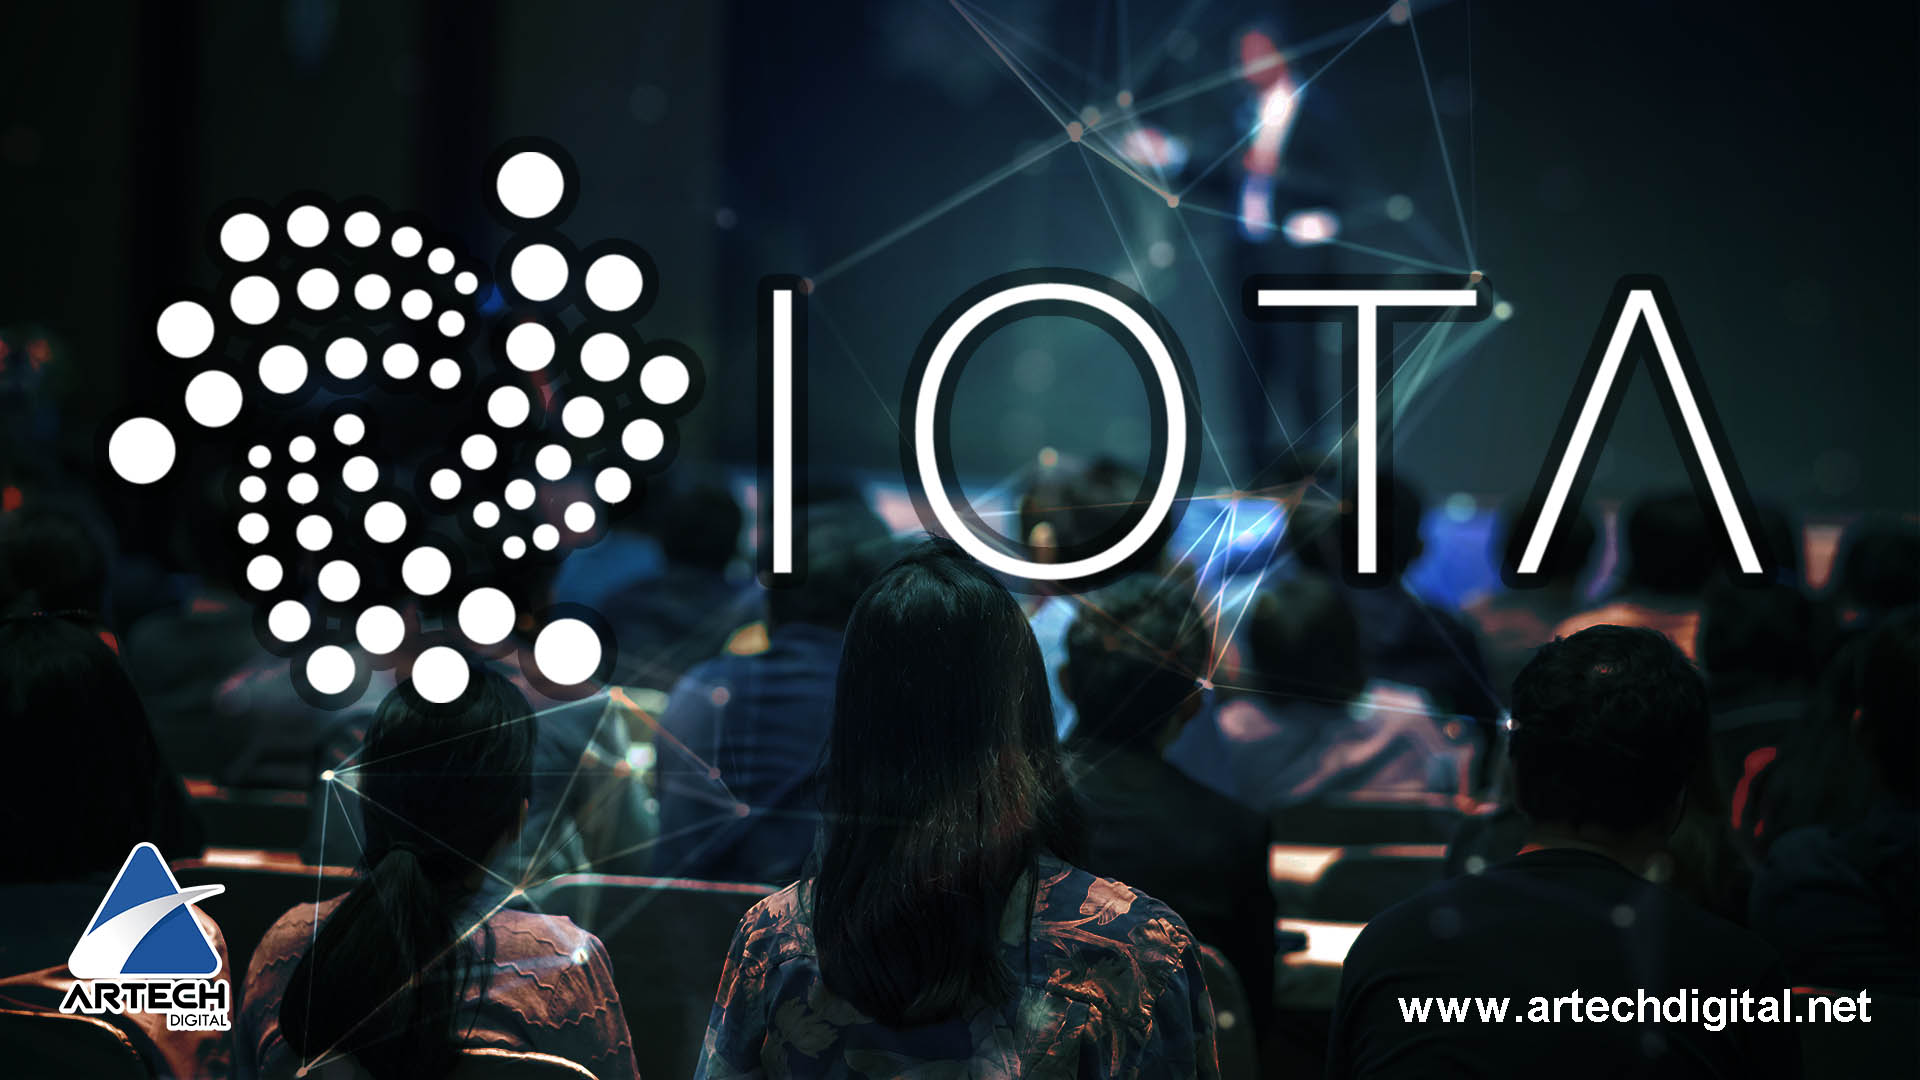 Cuarta edición IOTA - Artech Digital